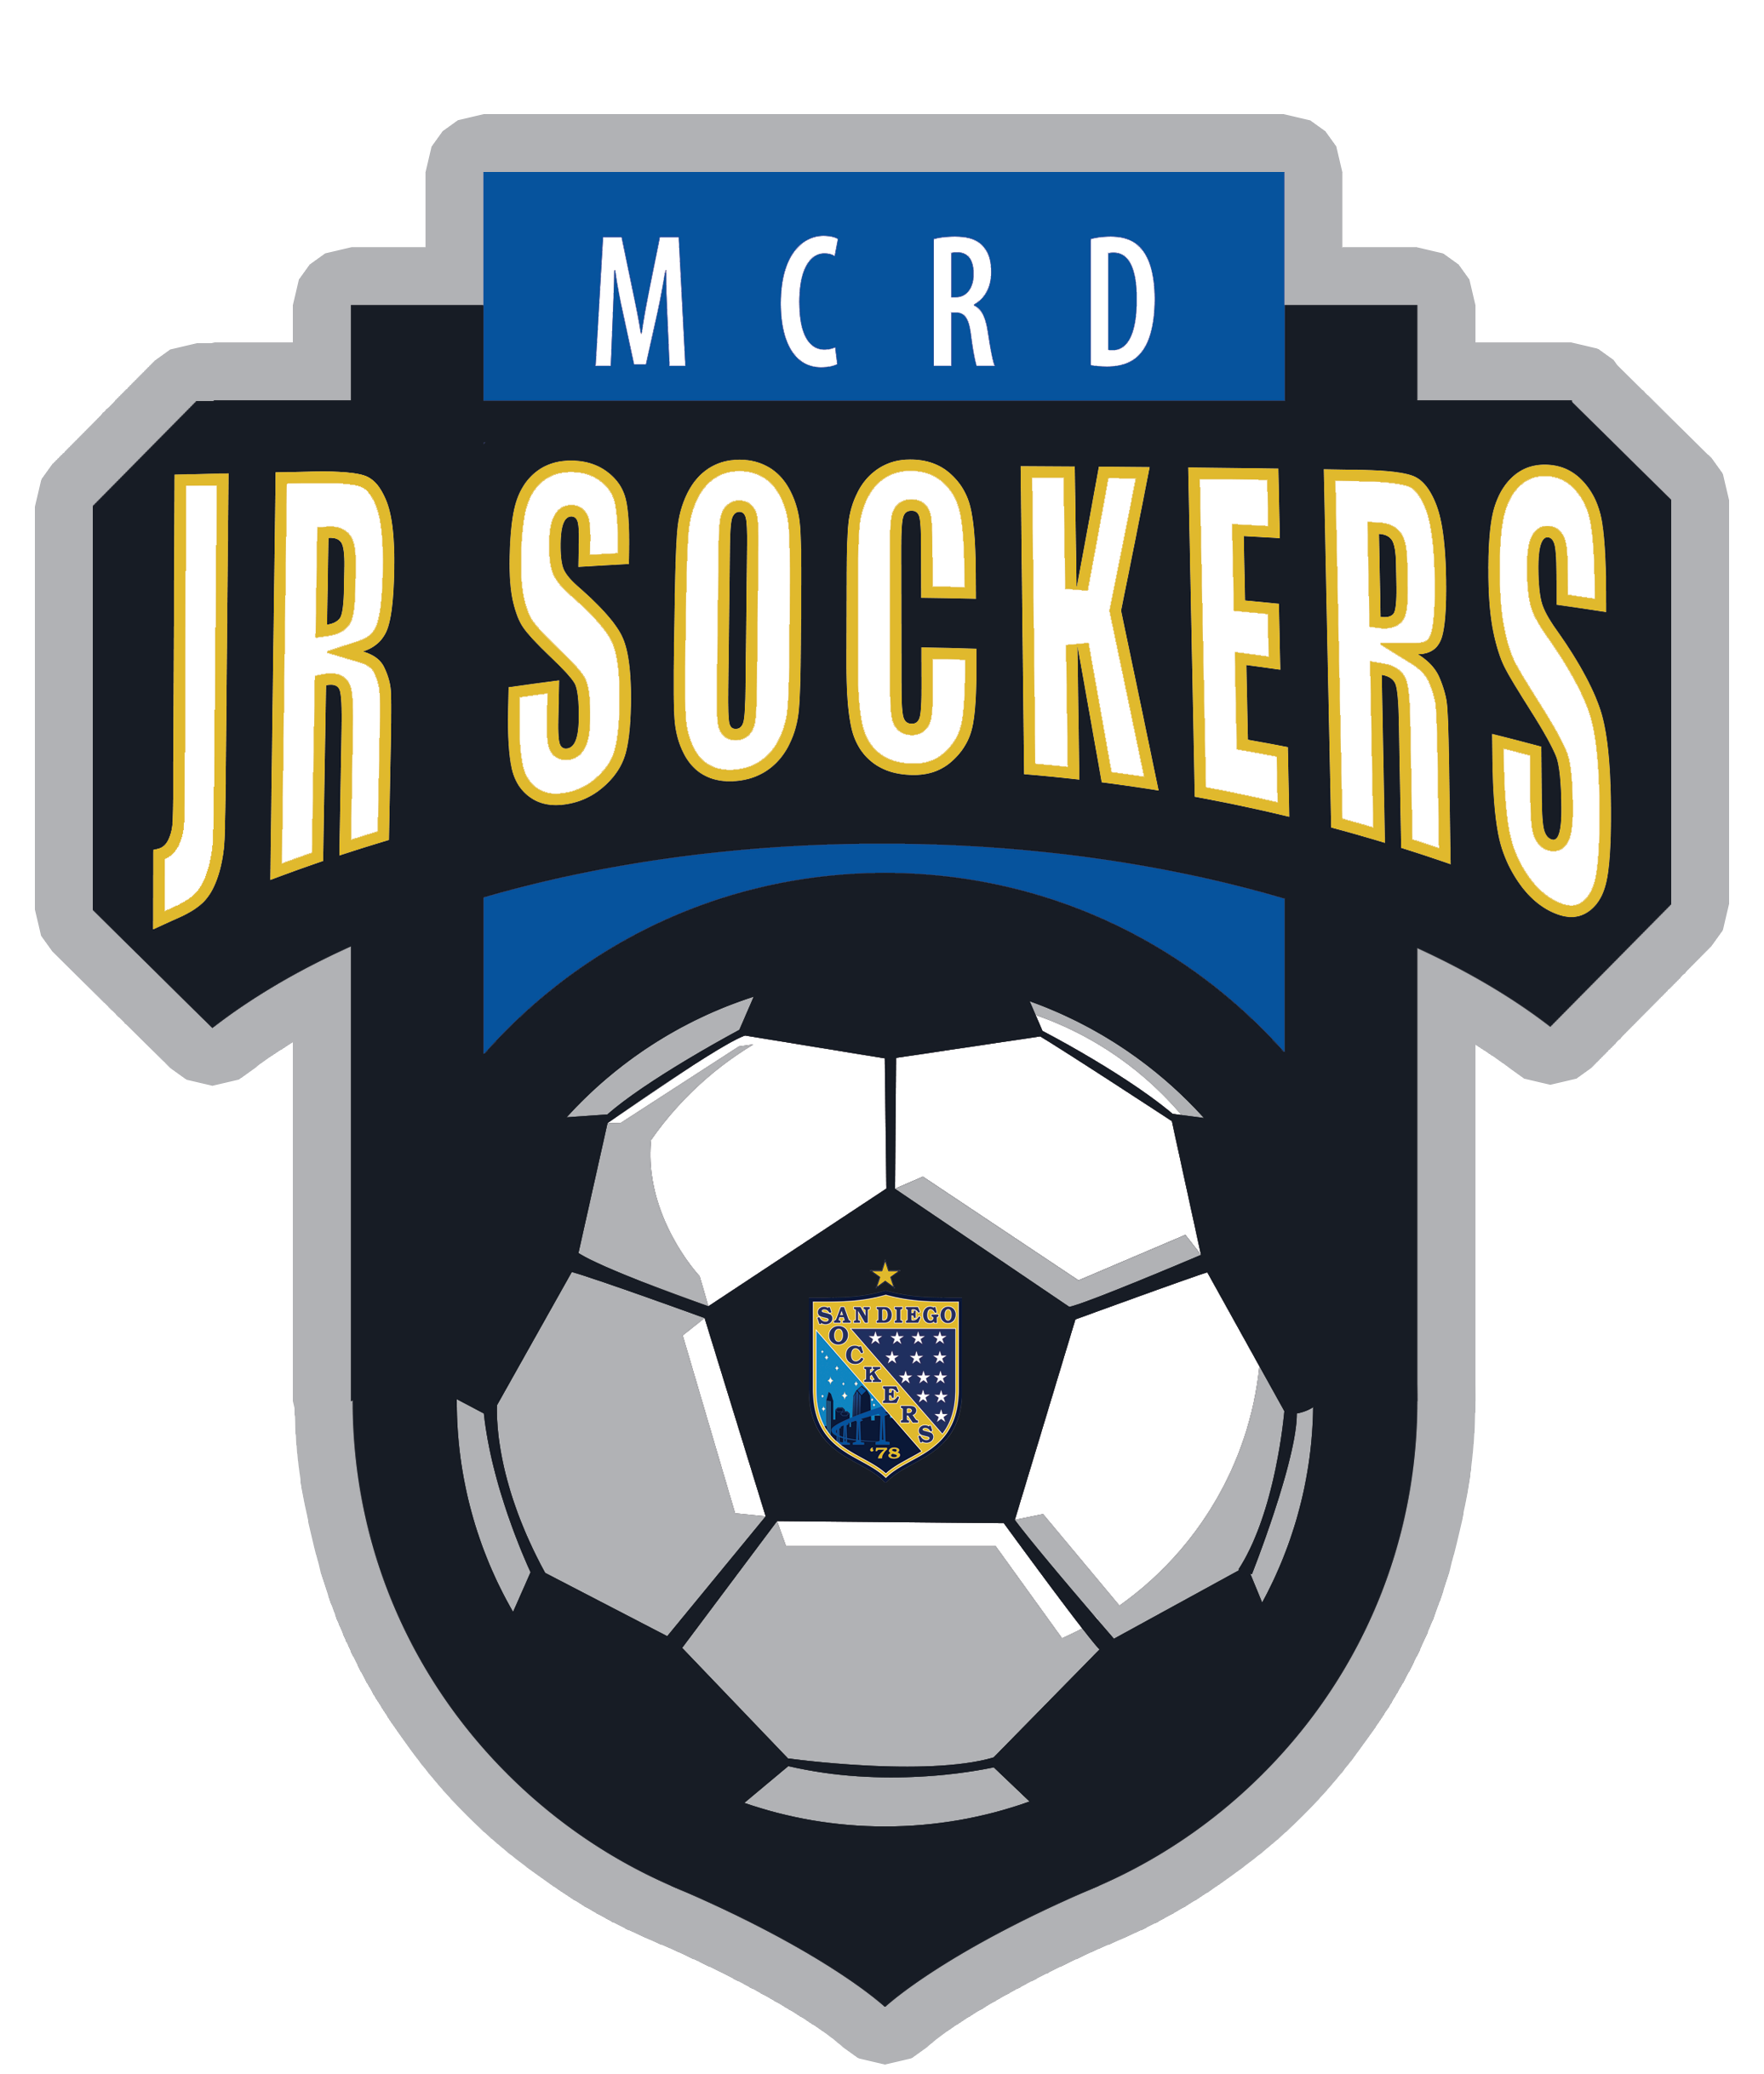 MCRD-JR-Sockers-crest.png